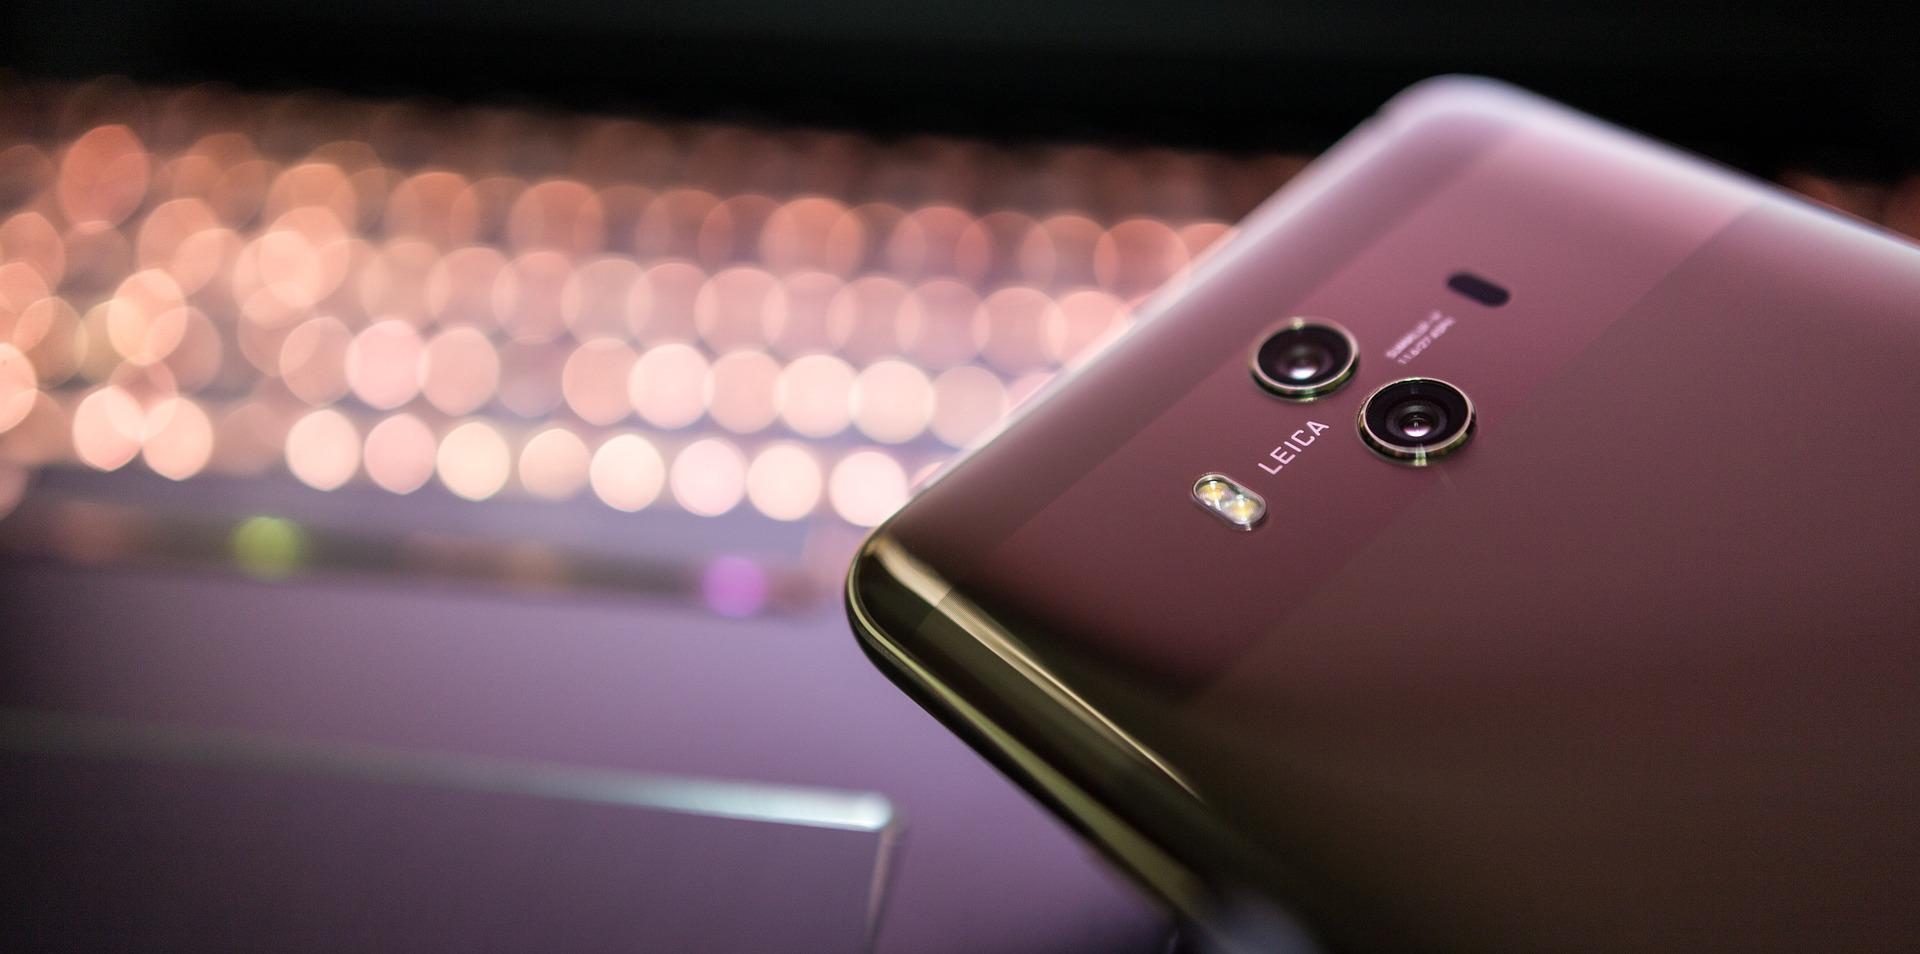 Honor, Huawei выключается сам по себе: что делать?